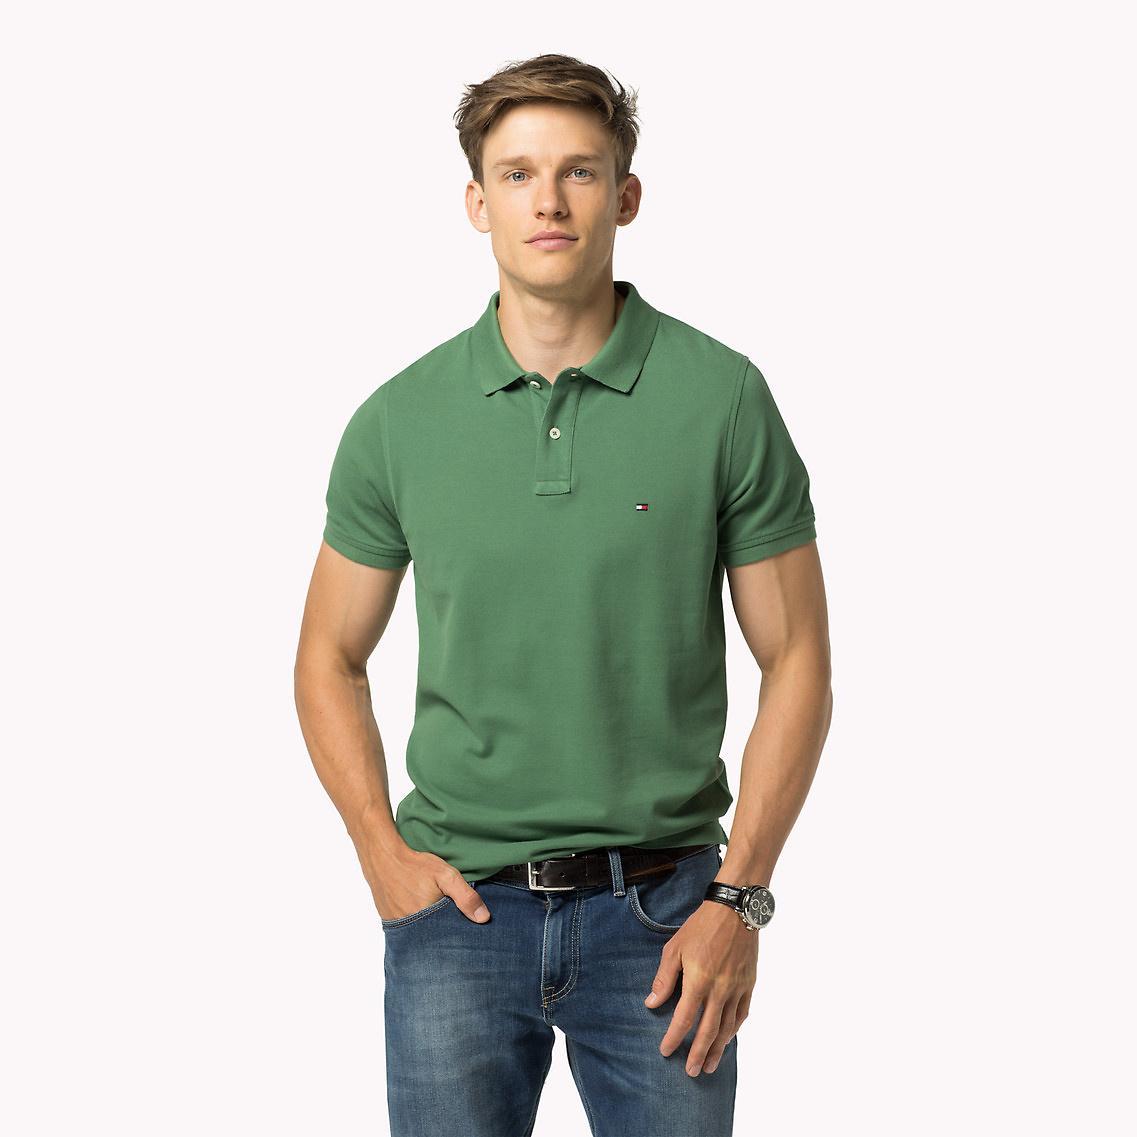 tommy hilfiger pique slim fit polo in green for men lyst. Black Bedroom Furniture Sets. Home Design Ideas